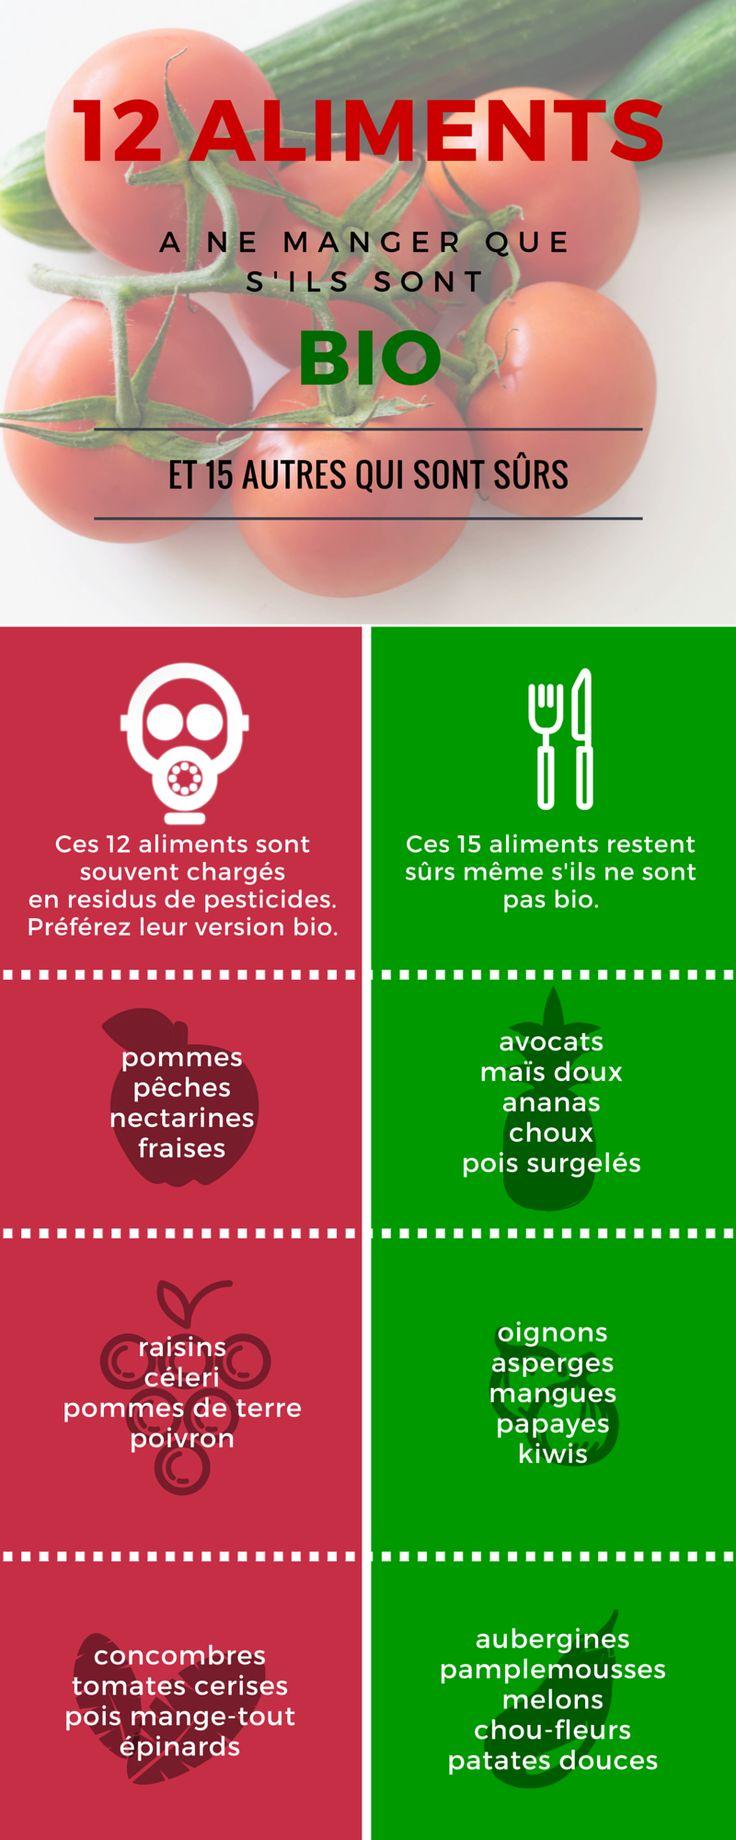 Les pesticides sont trop concentrés dans ces fruits et légumes. Il vaut mieux les consommer bio. Découvrez-les pour adapter au mieux votre consommation.